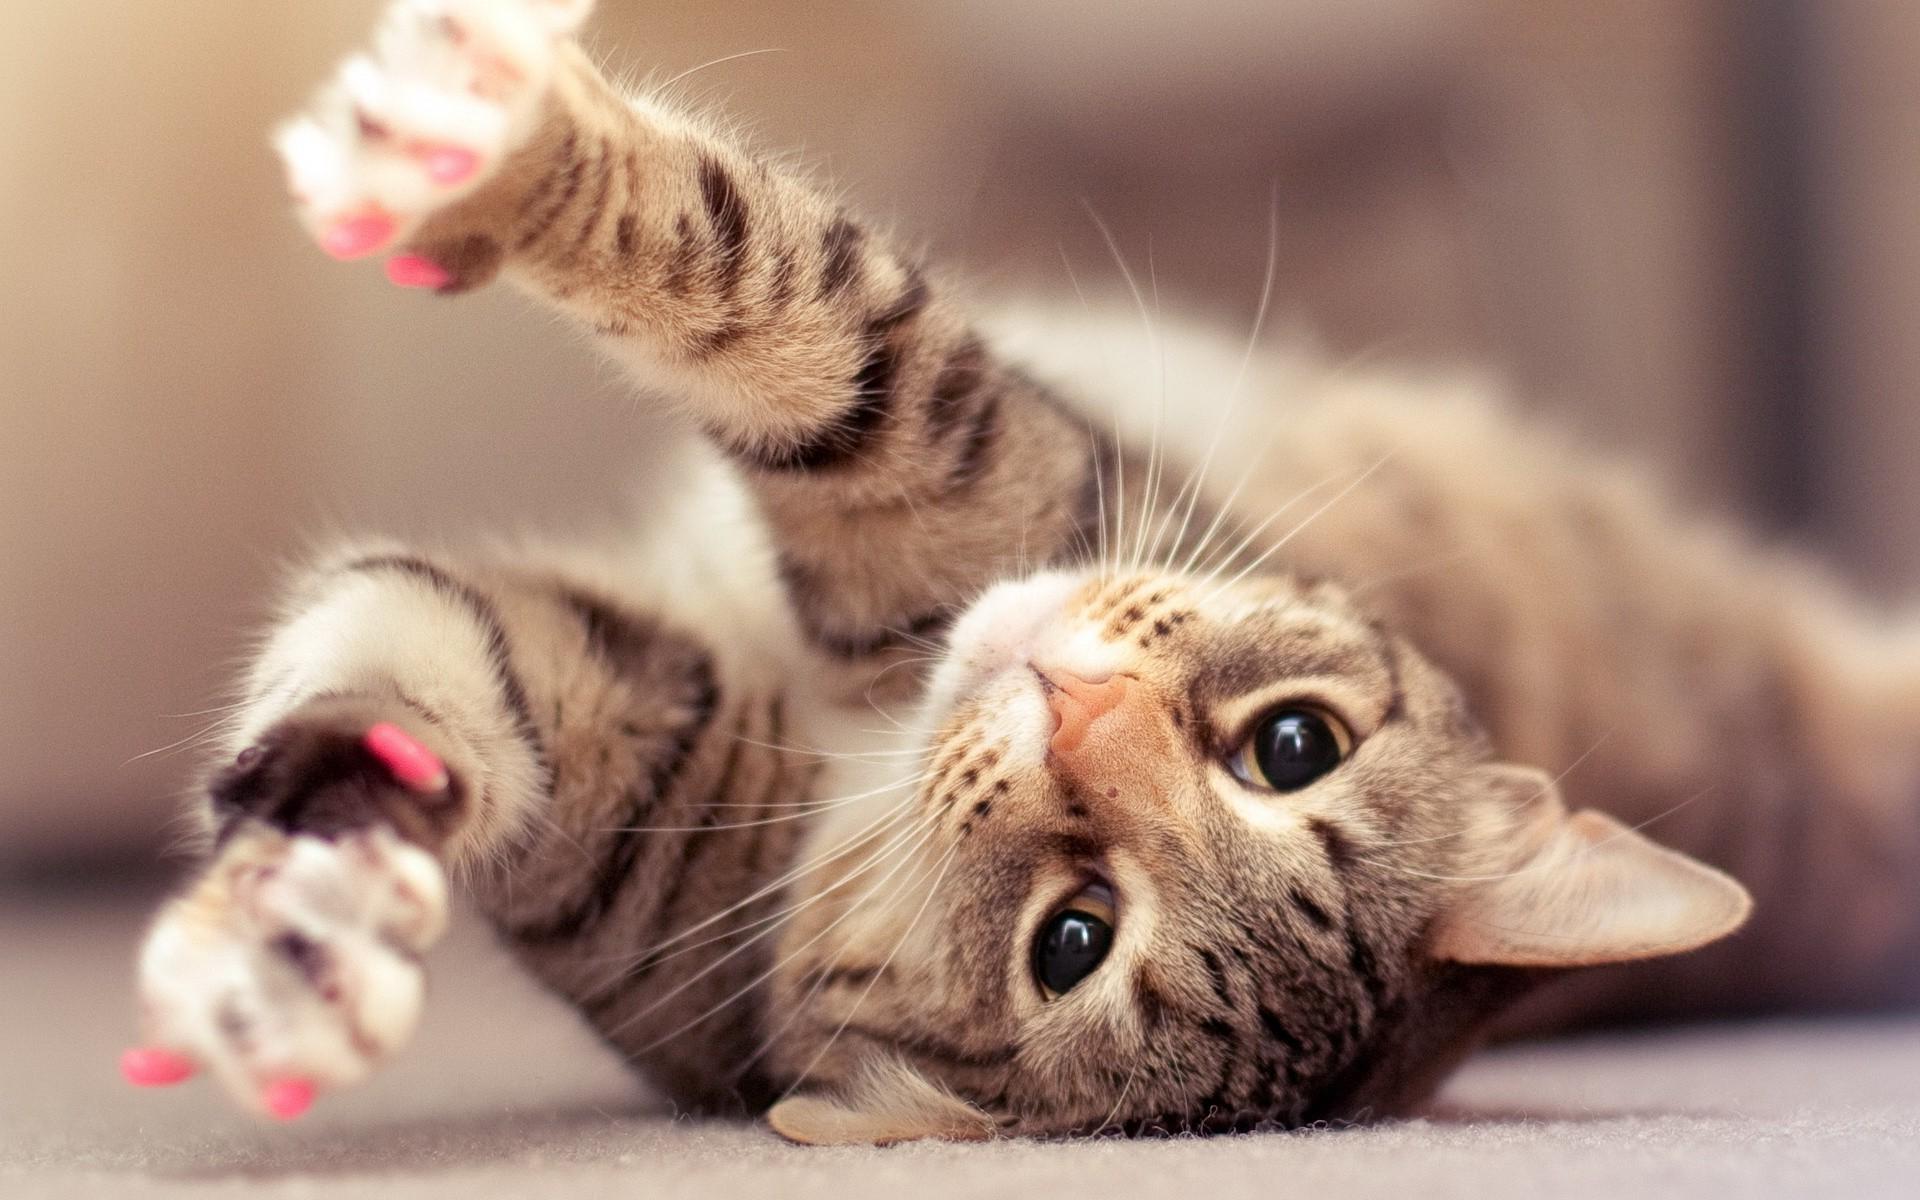 Los gatos oyen mejor que los humanos